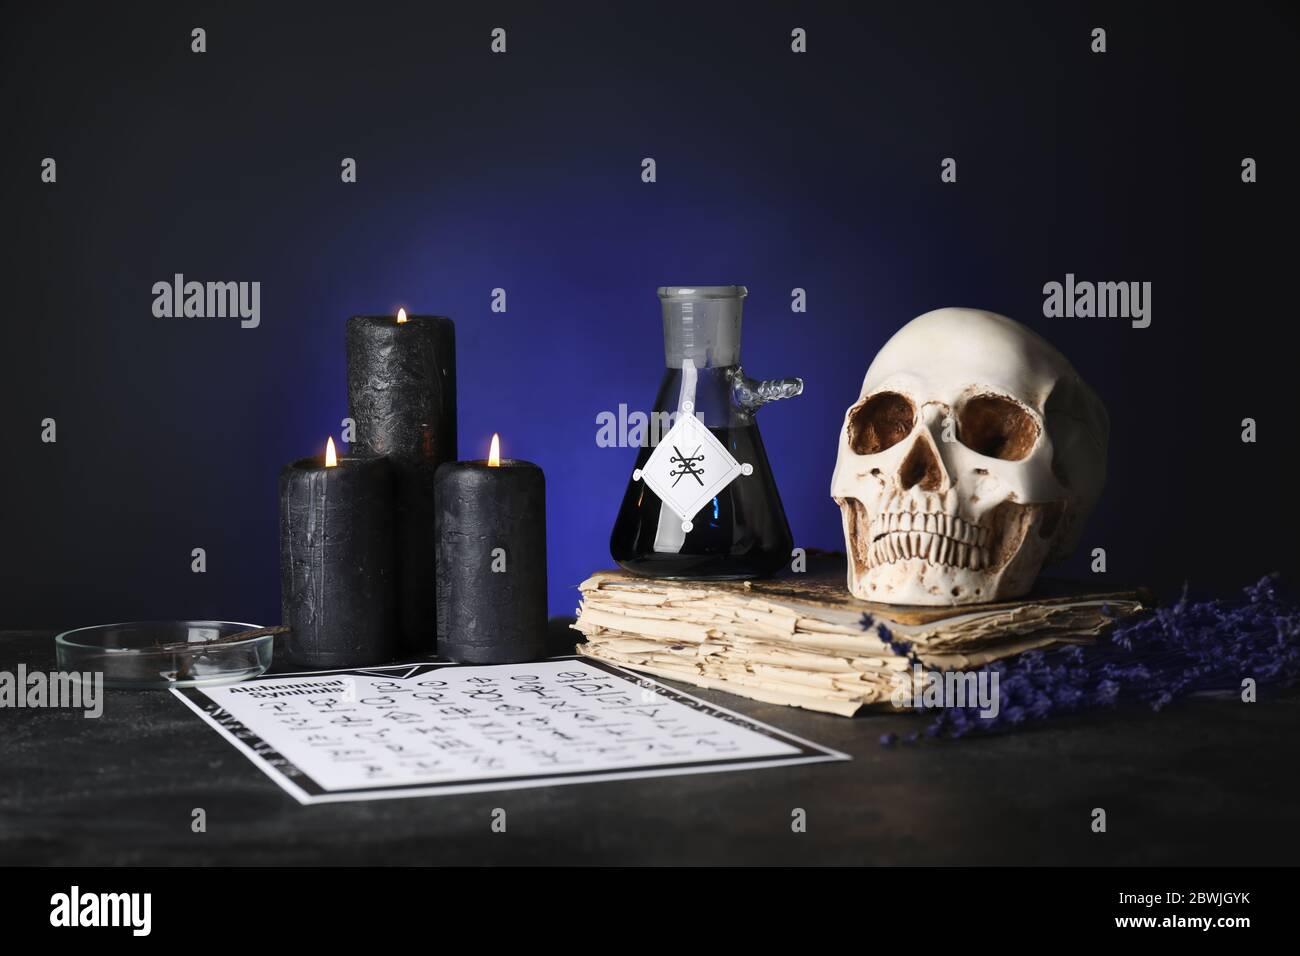 Potions, crâne humain et vieux livre sur la table de l'alchimiste Banque D'Images